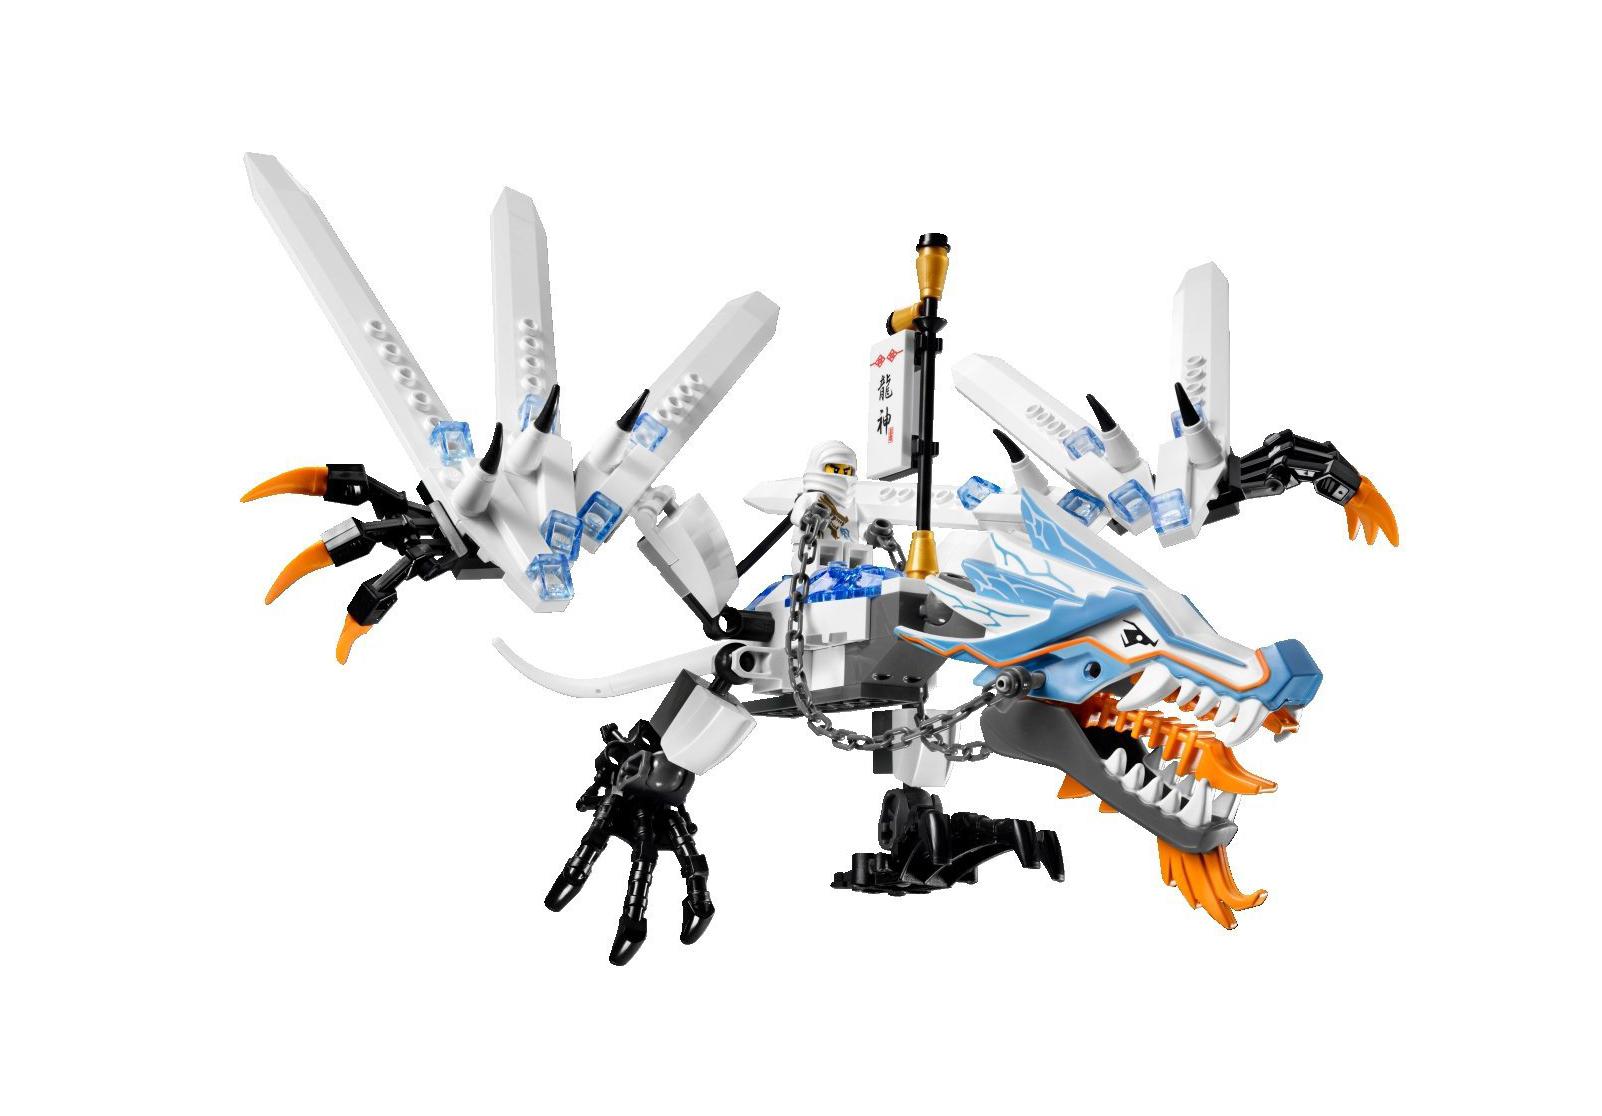 Lego Ninjago Dragon E 2260 detail 3 large